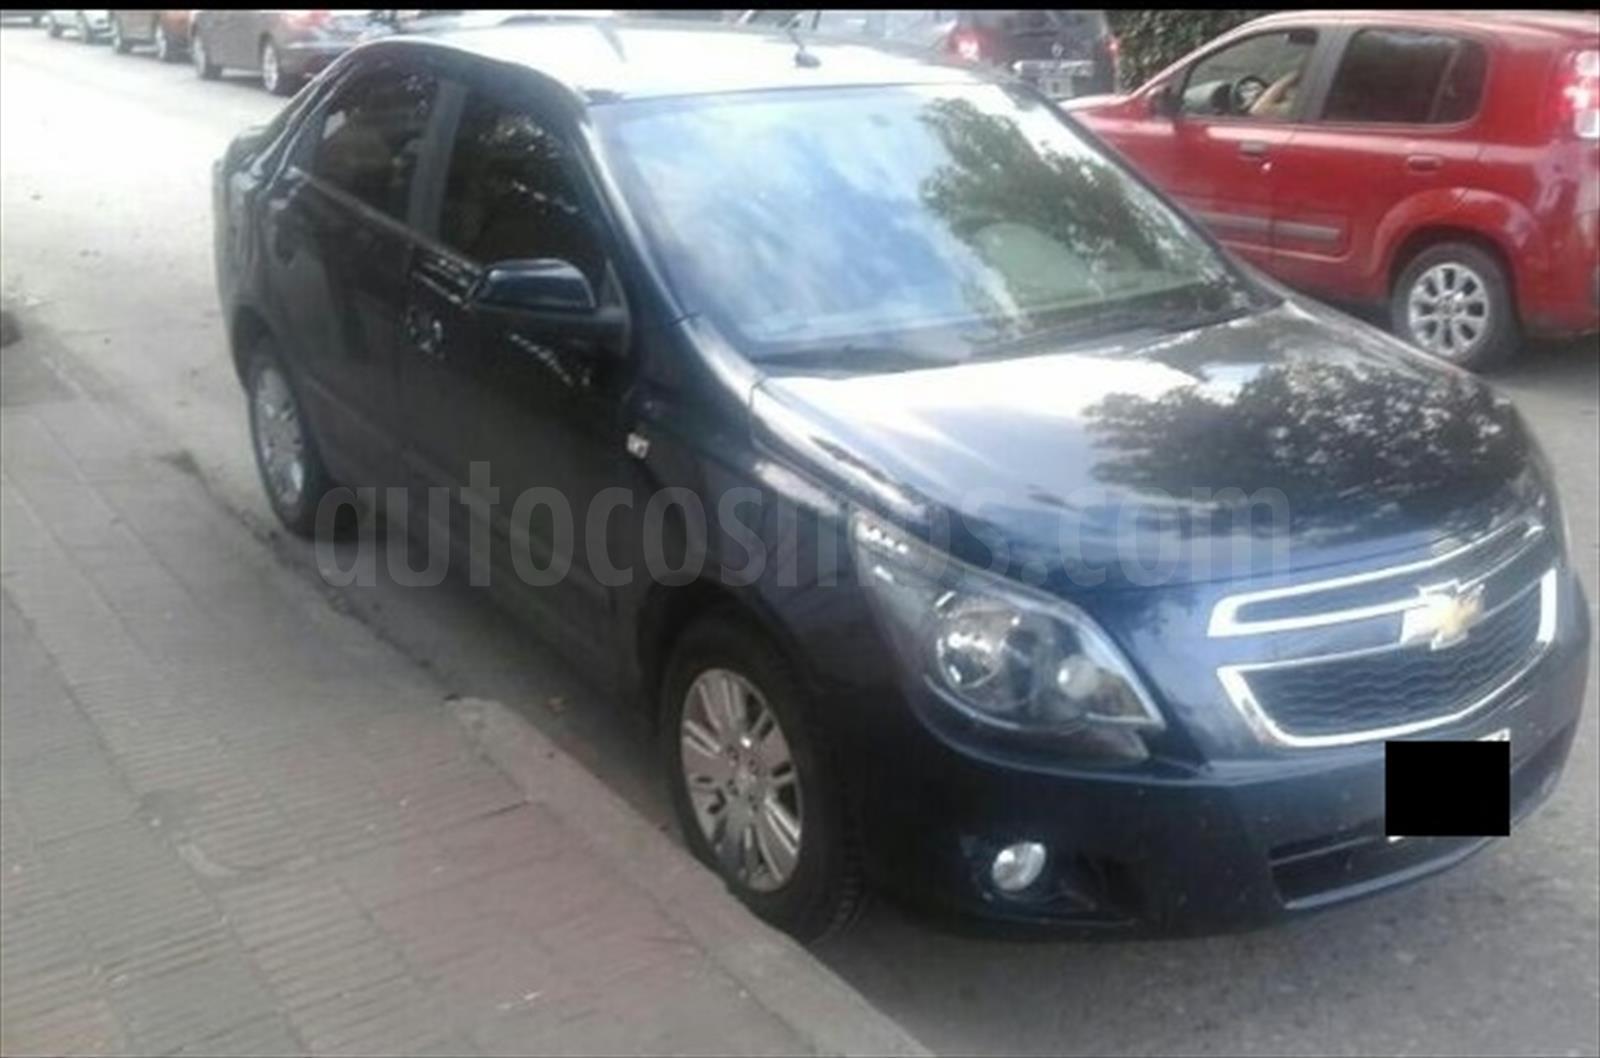 Venta Autos Usado Cordoba Chevrolet Cobalt Ltz